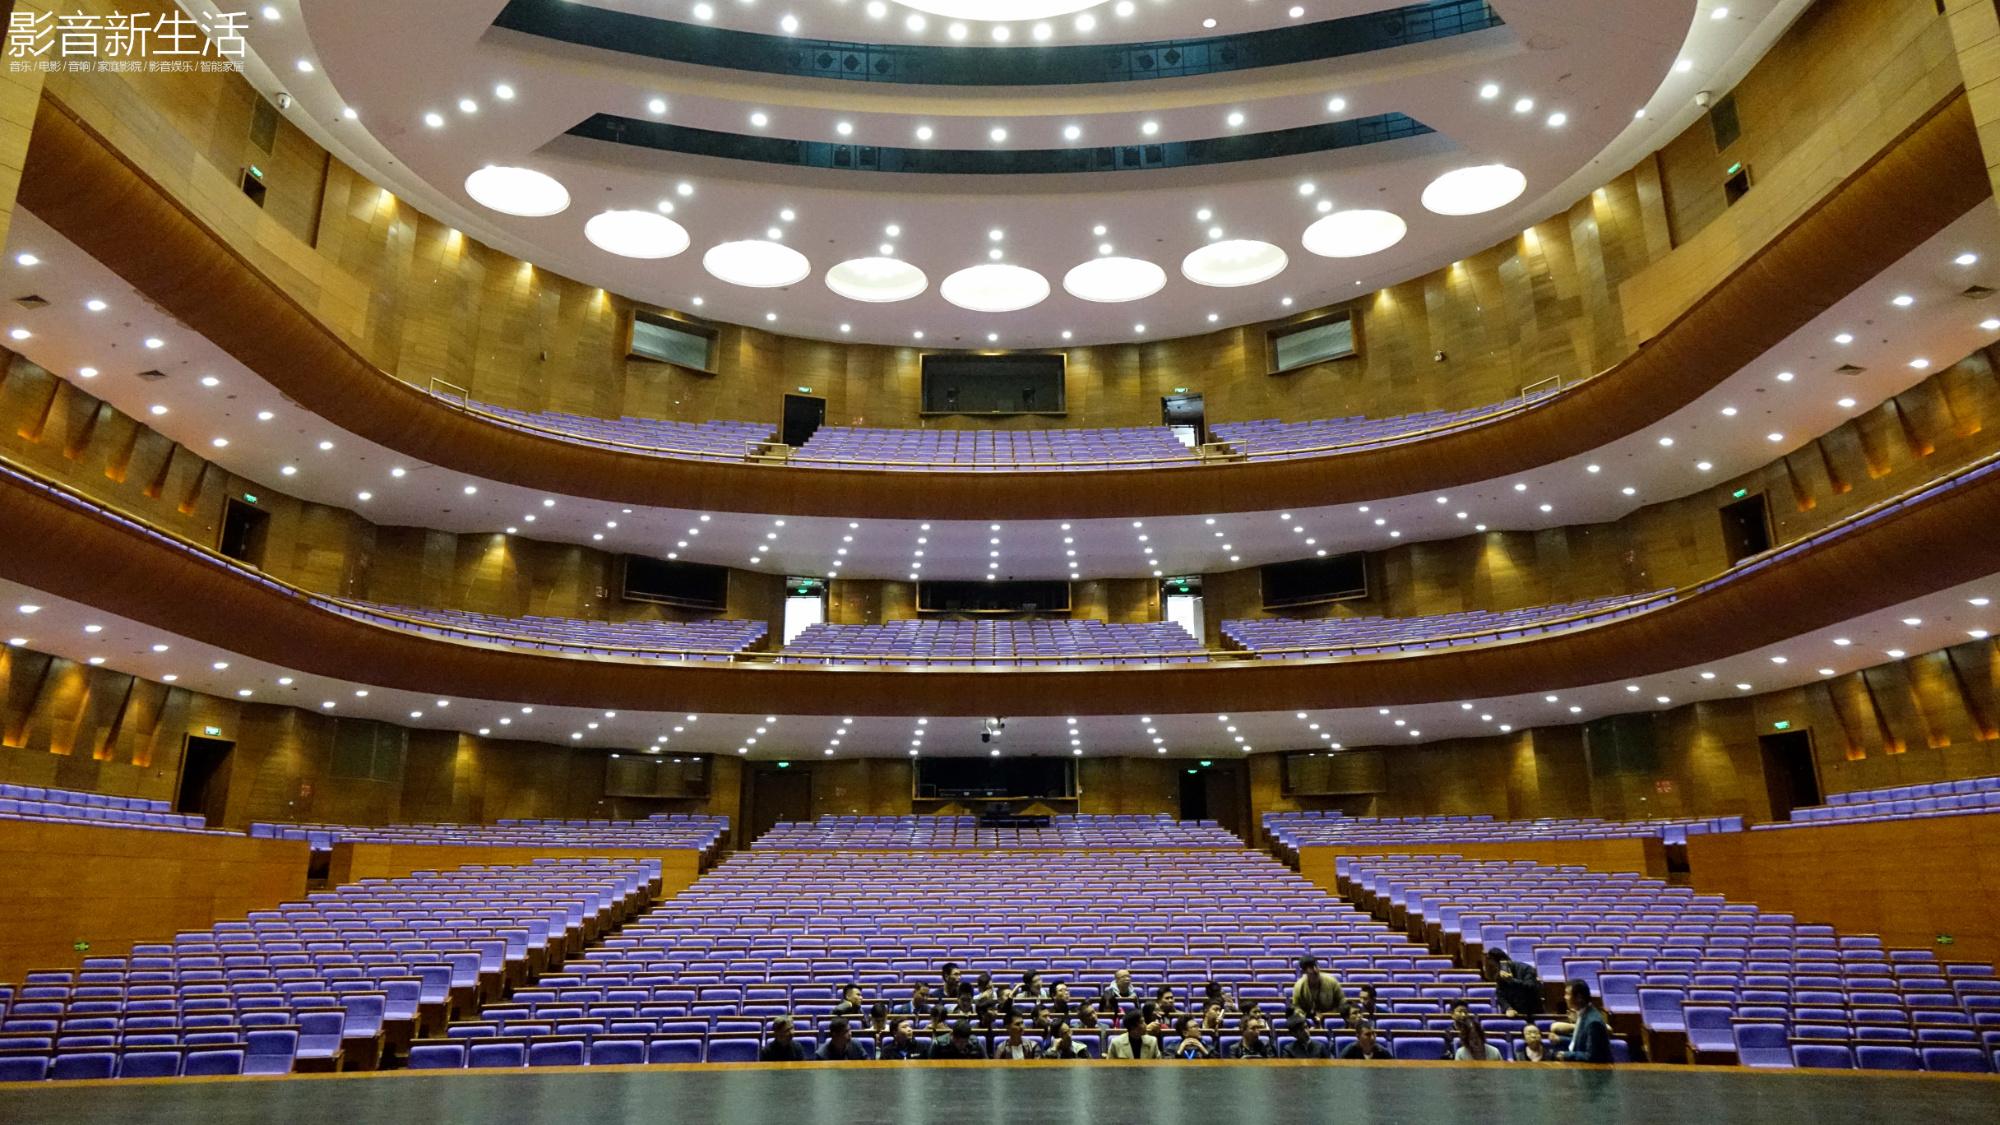 2018012317413896 - 声学 | 2018清华大学建筑声学原理与设计培训课程!期待你的到来!